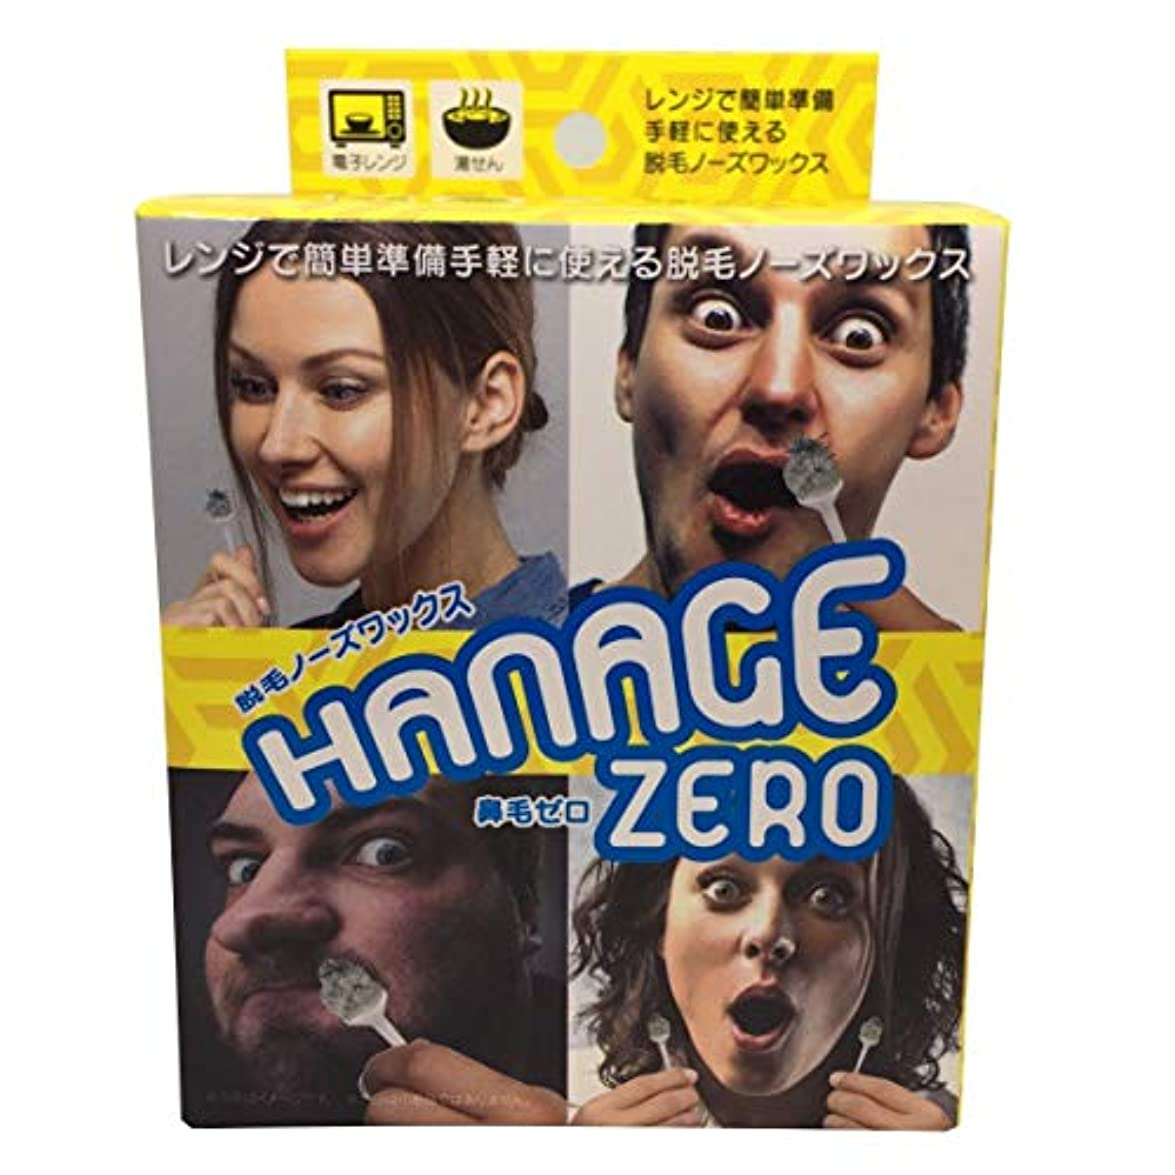 ハント論理的遺棄された脱毛ノーズワックス HANAGE ZERO 鼻毛ゼロ 両鼻穴 10回分